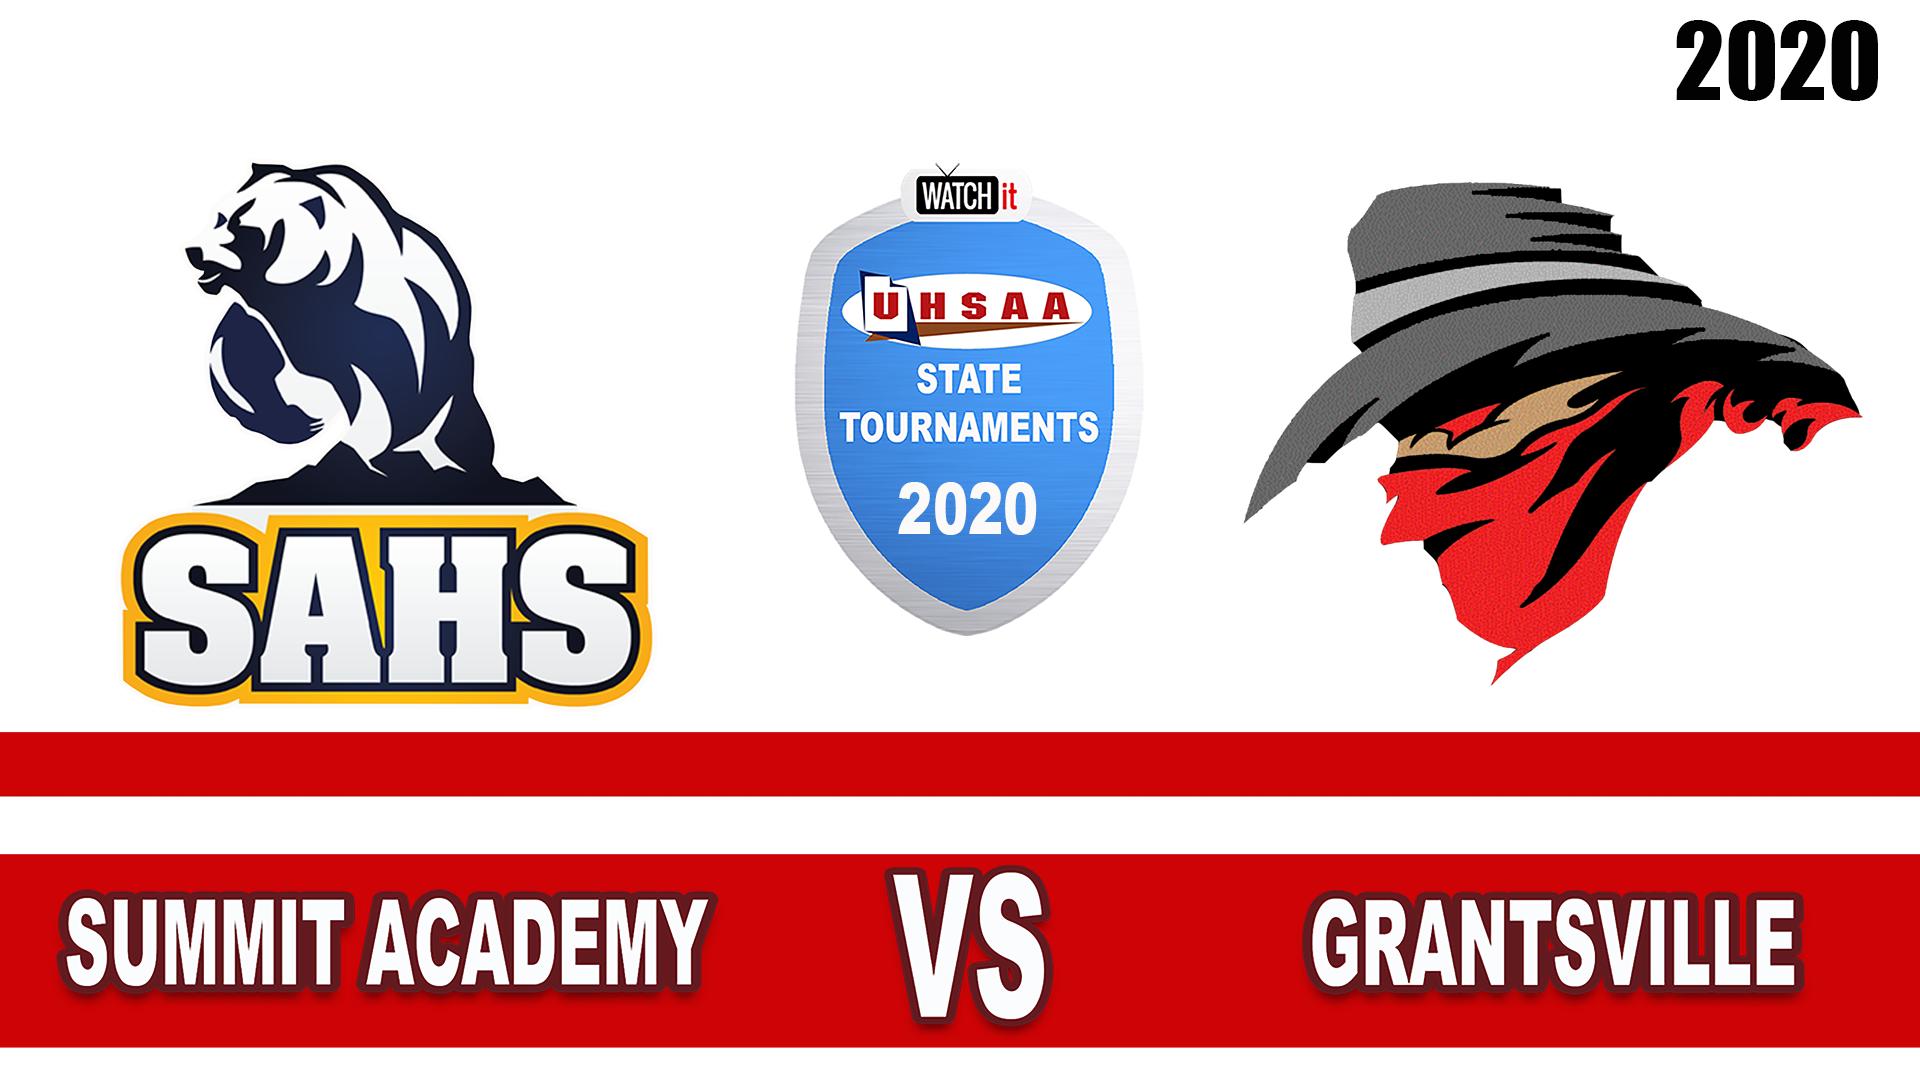 Summit Academy vs Grantsville